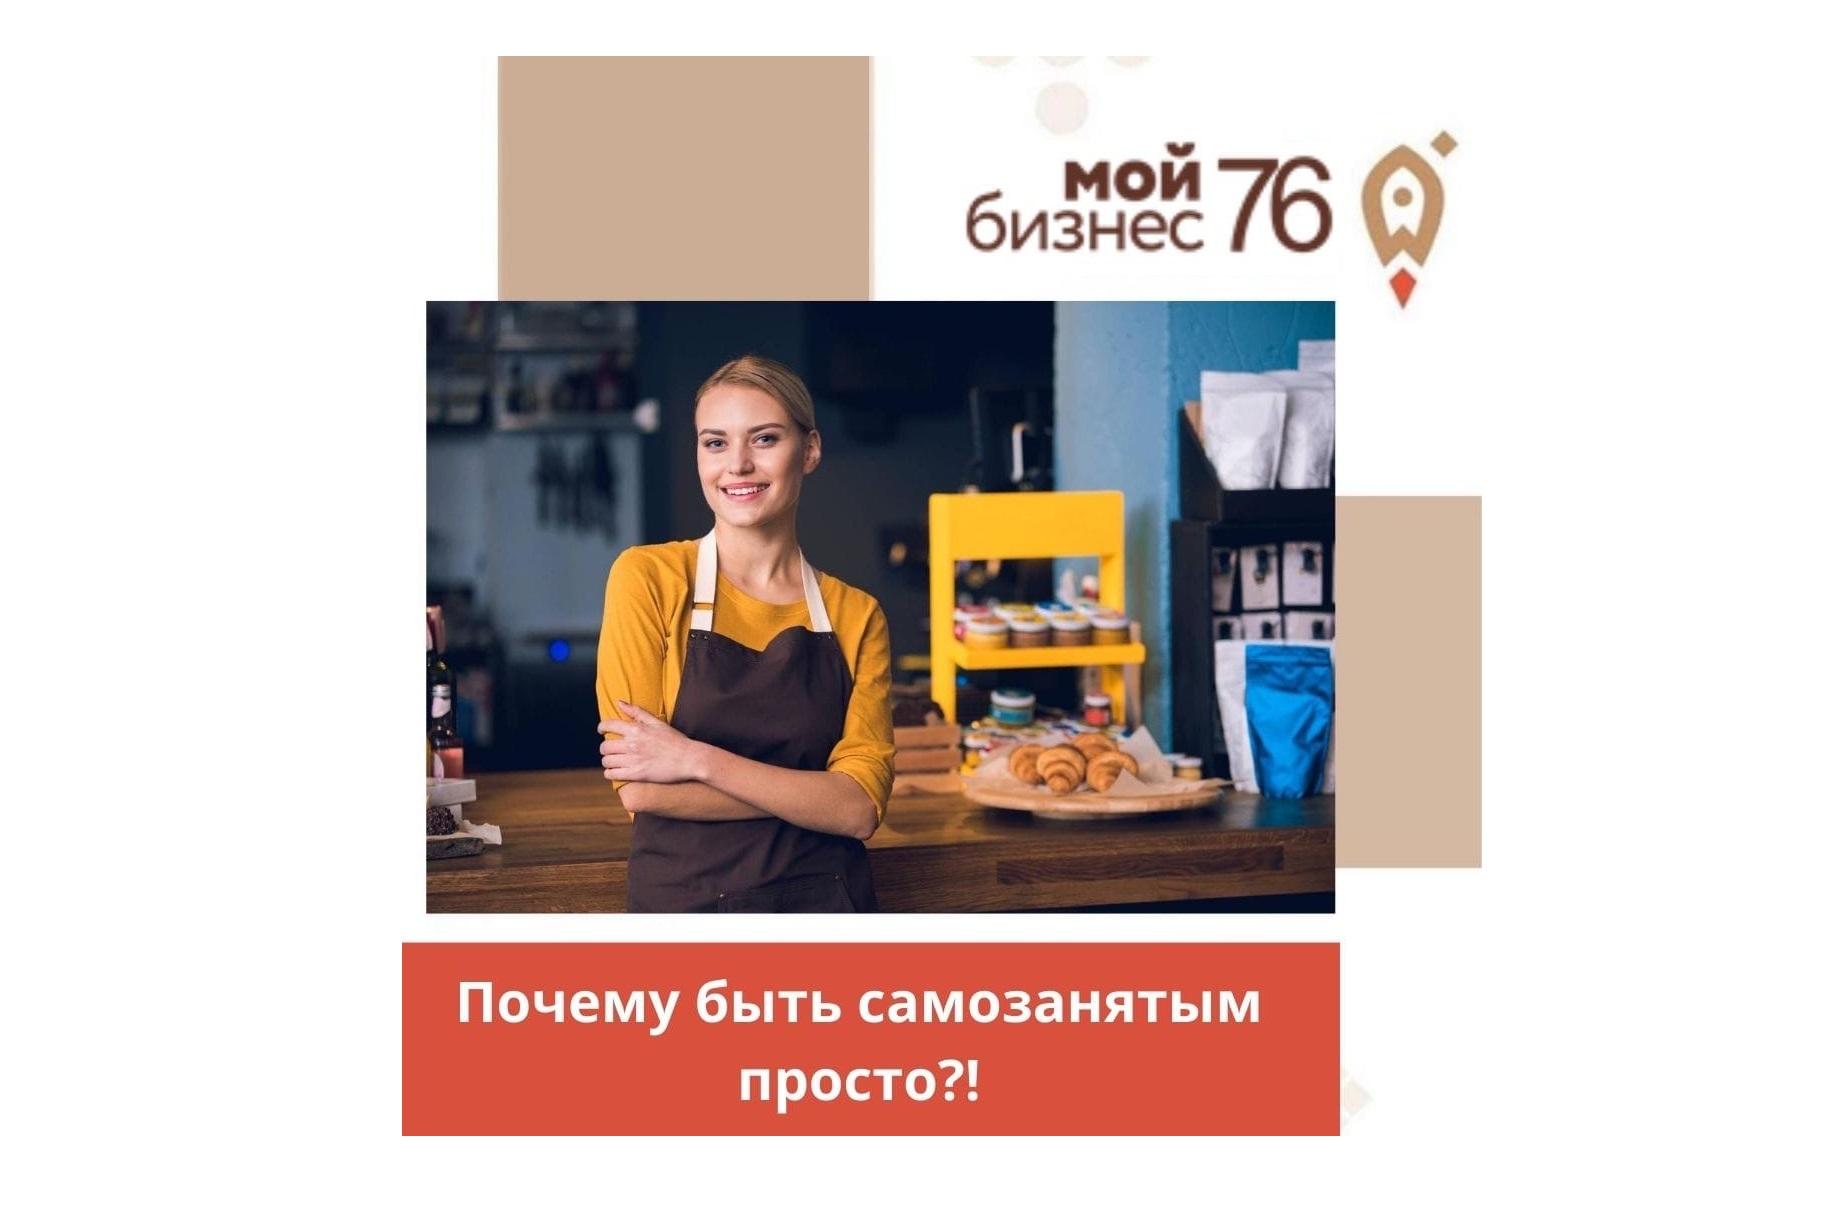 Ярославцы все более активно регистрируются в качестве самозанятых